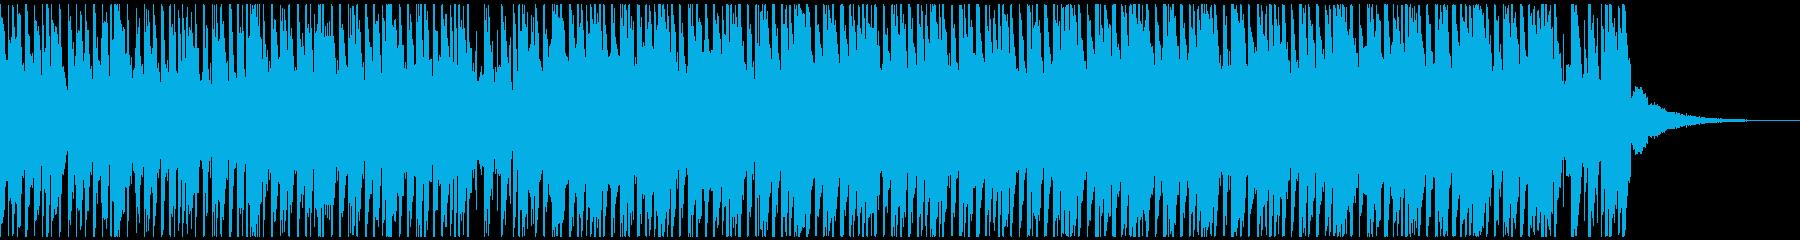 トロピカルハウスパーティー(60秒)の再生済みの波形